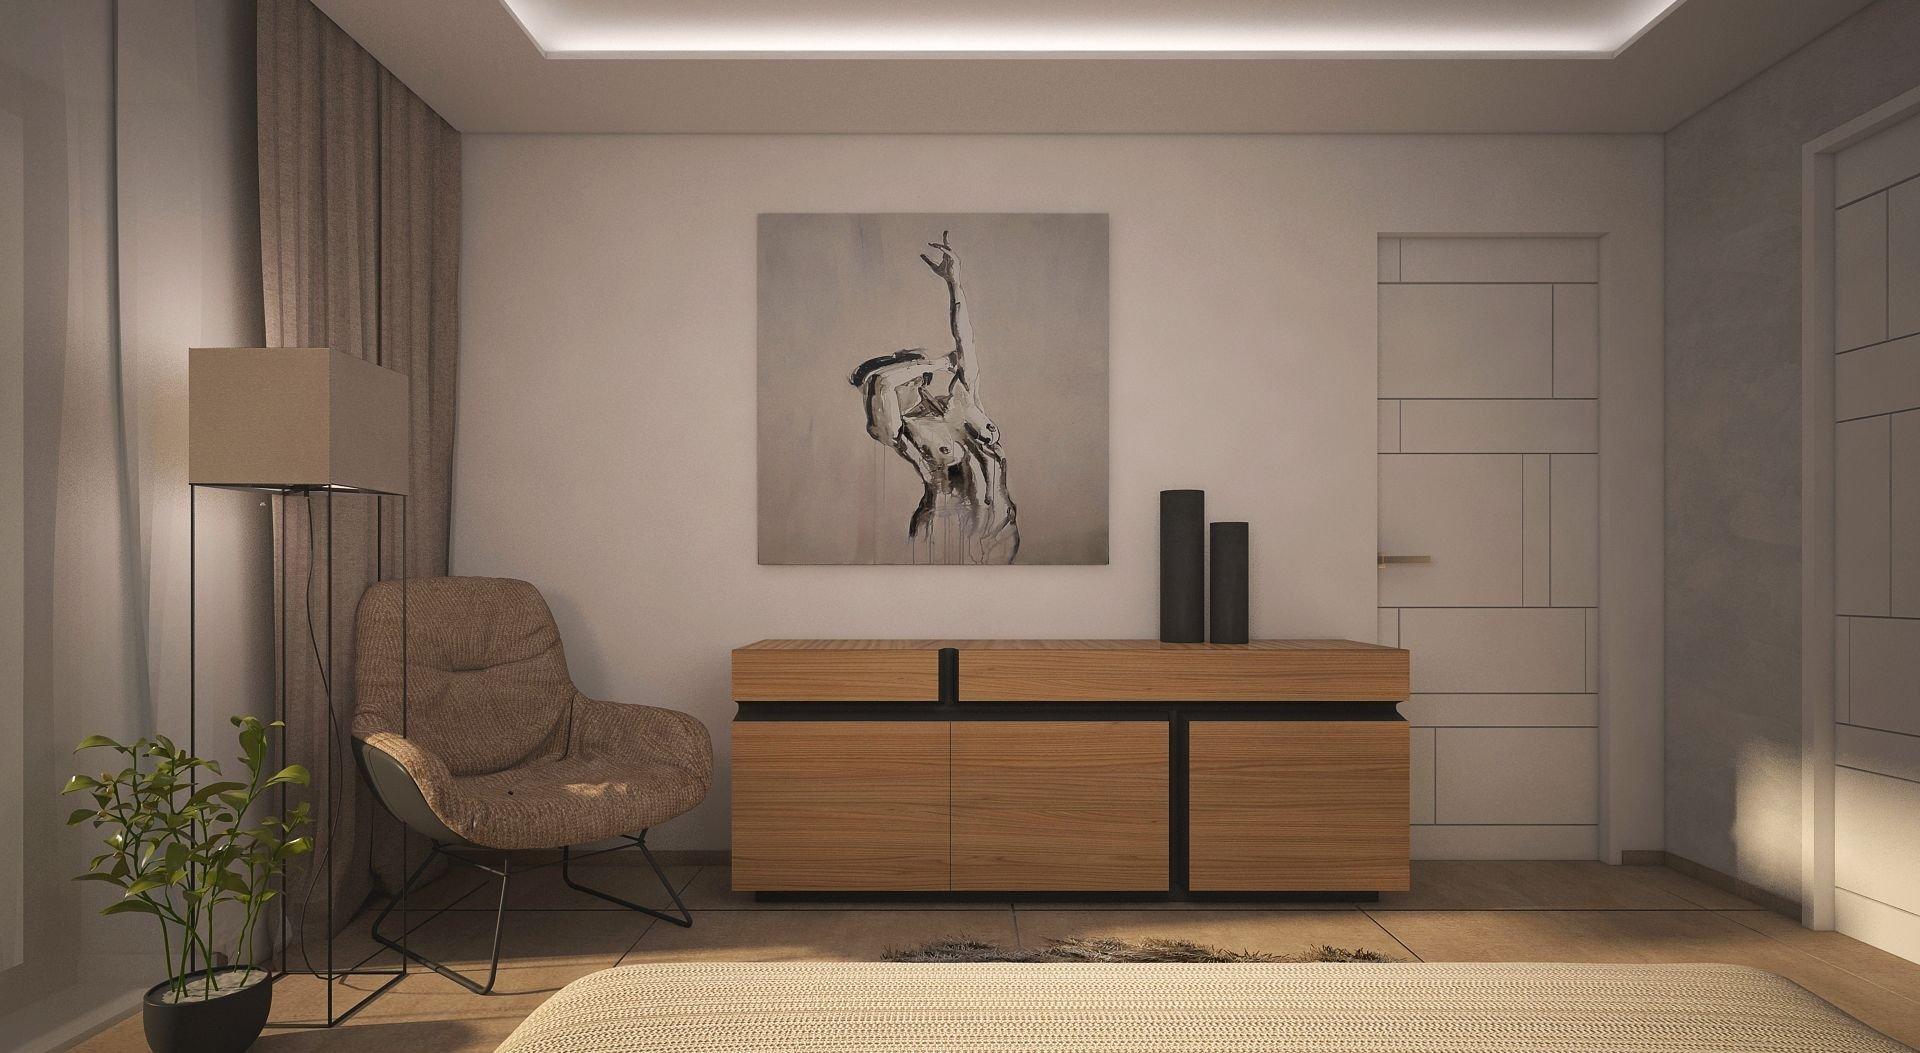 Nahlédněte s námi do vizualizacebytu pro mladý pár. Elegantní interiér vás zaujme nejen pletou světlých tónů a přírodních materiálů.